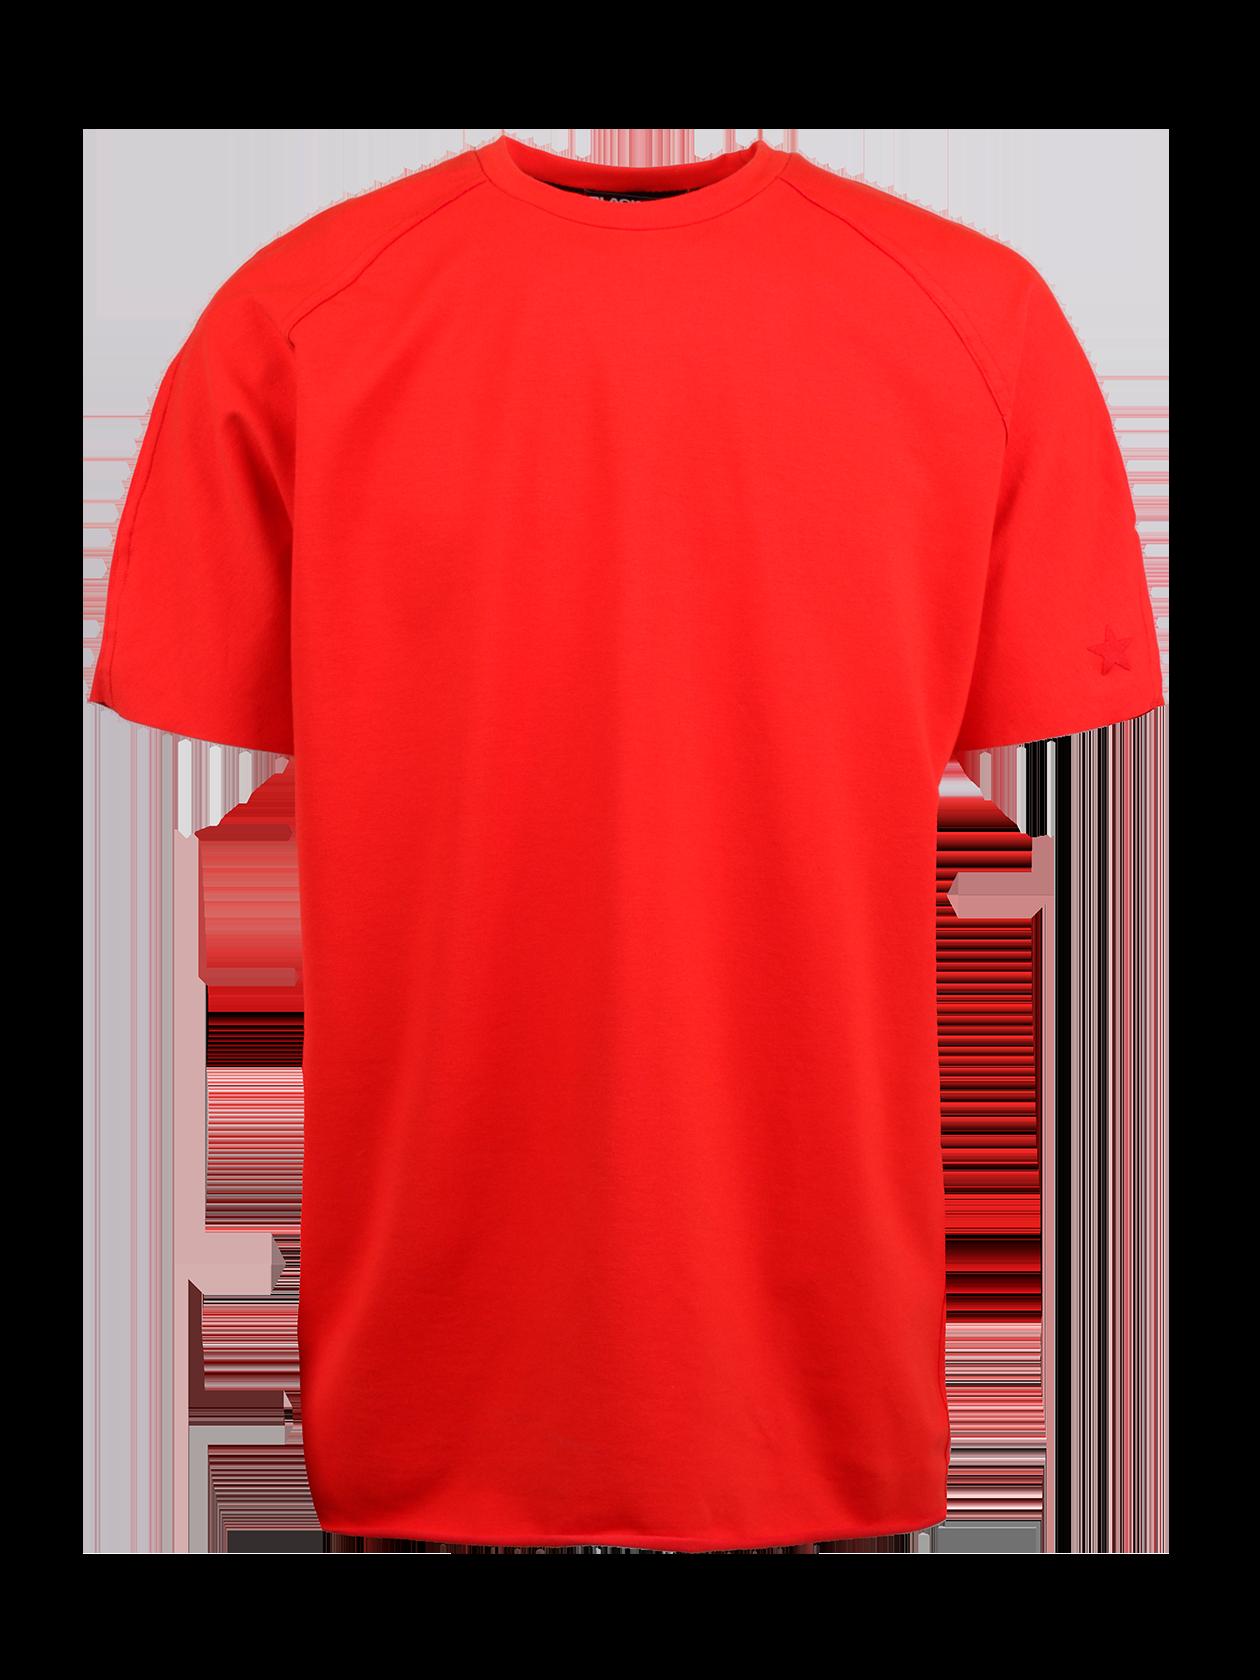 Футболка мужская RED STARФутболка мужская Red Star – яркое дополнение стиля на каждый день. Модель представлена в эффектной красной расцветке. Силуэт прямой, свободный, удлиненный. Небольшой рукав-реглан, переходящий на спинке в отдельную деталь. На краю левого рукава стильный принт в виде красной звезды. Горловина узкой округлой формы с эластичным кантом и фирменной нашивкой Black Star Wear, оформленной по внутренней стороне спинки. Натуральный высококачественный хлопок обеспечивает практичность и комфортность вещи.<br><br>Размер: XL<br>Цвет: Красный<br>Пол: Мужской